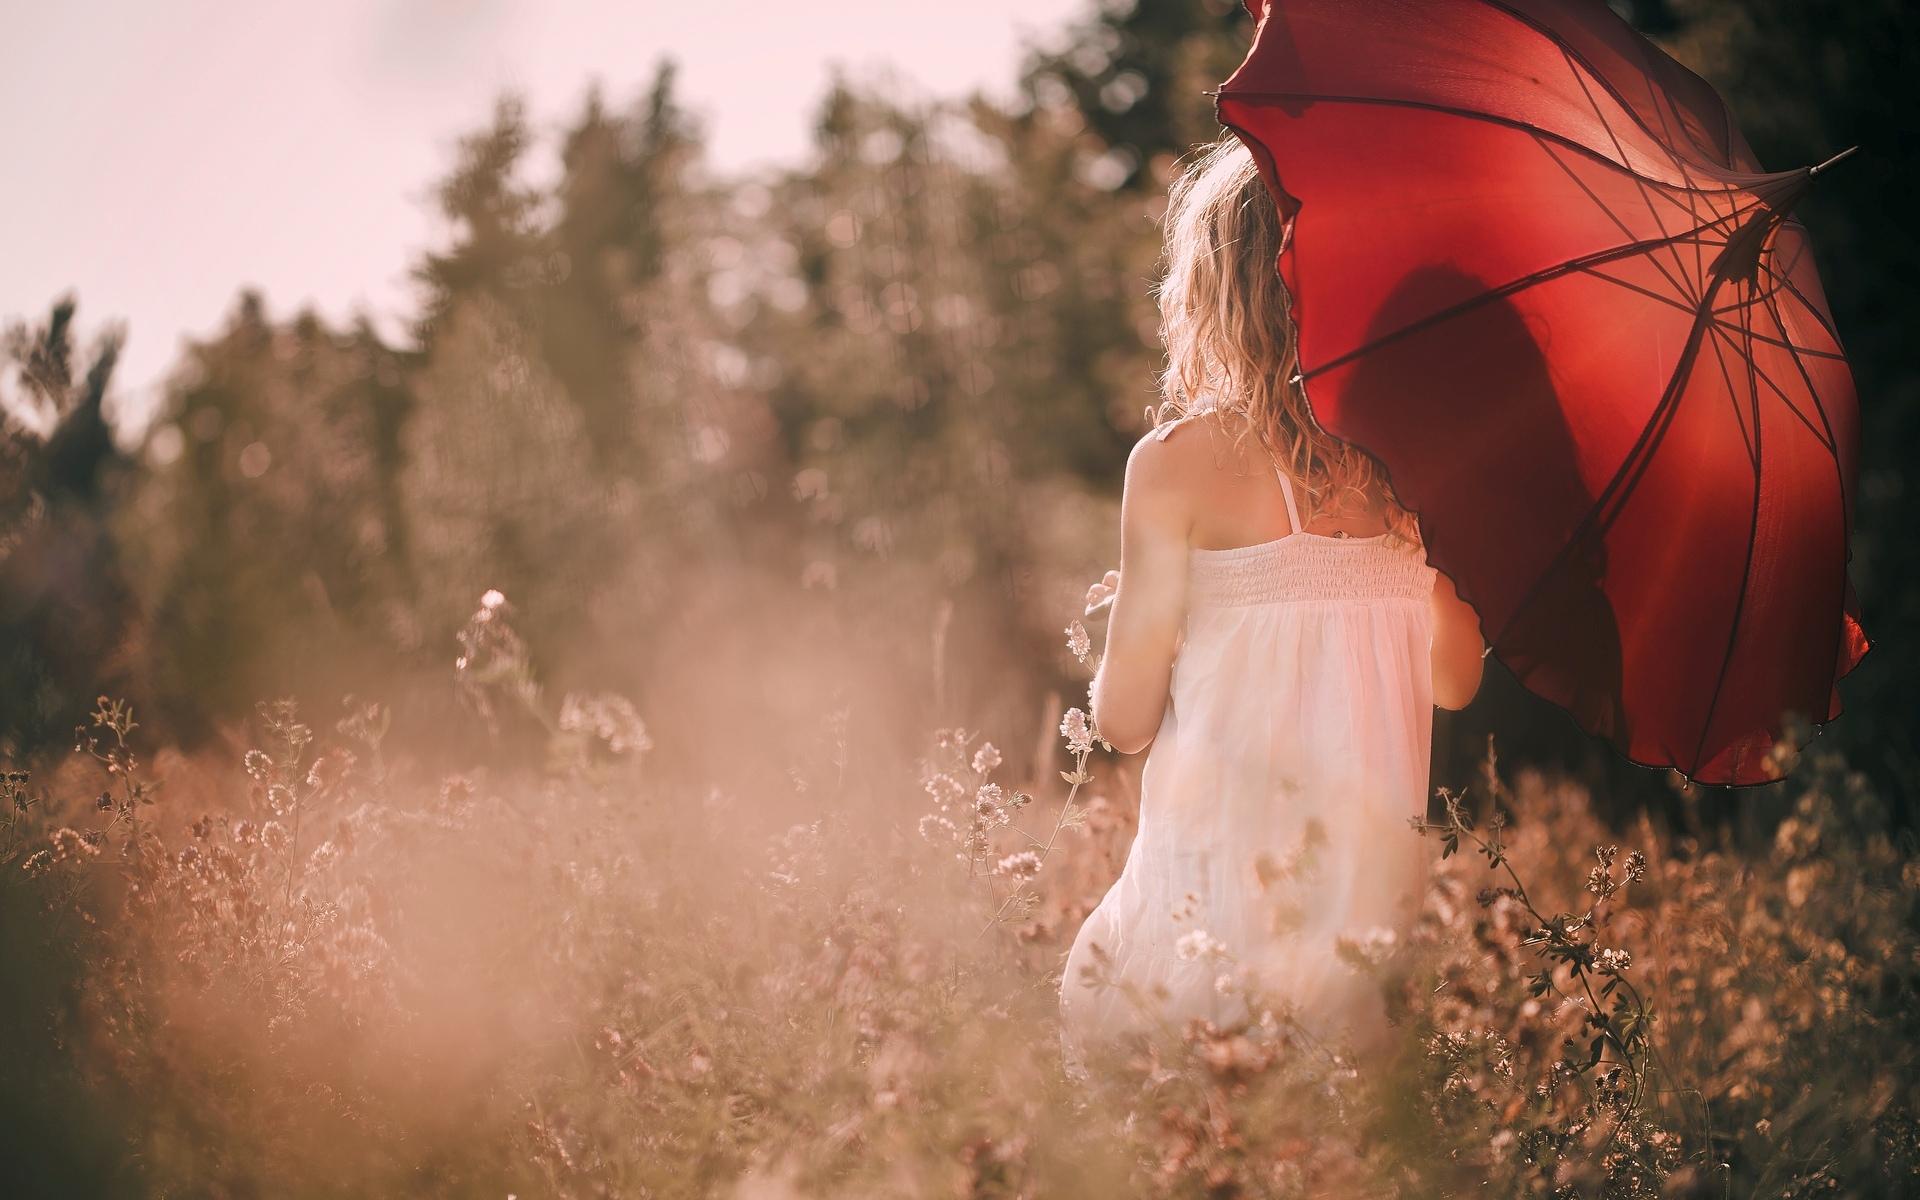 девушка зонт дождь природа  № 3582351 бесплатно